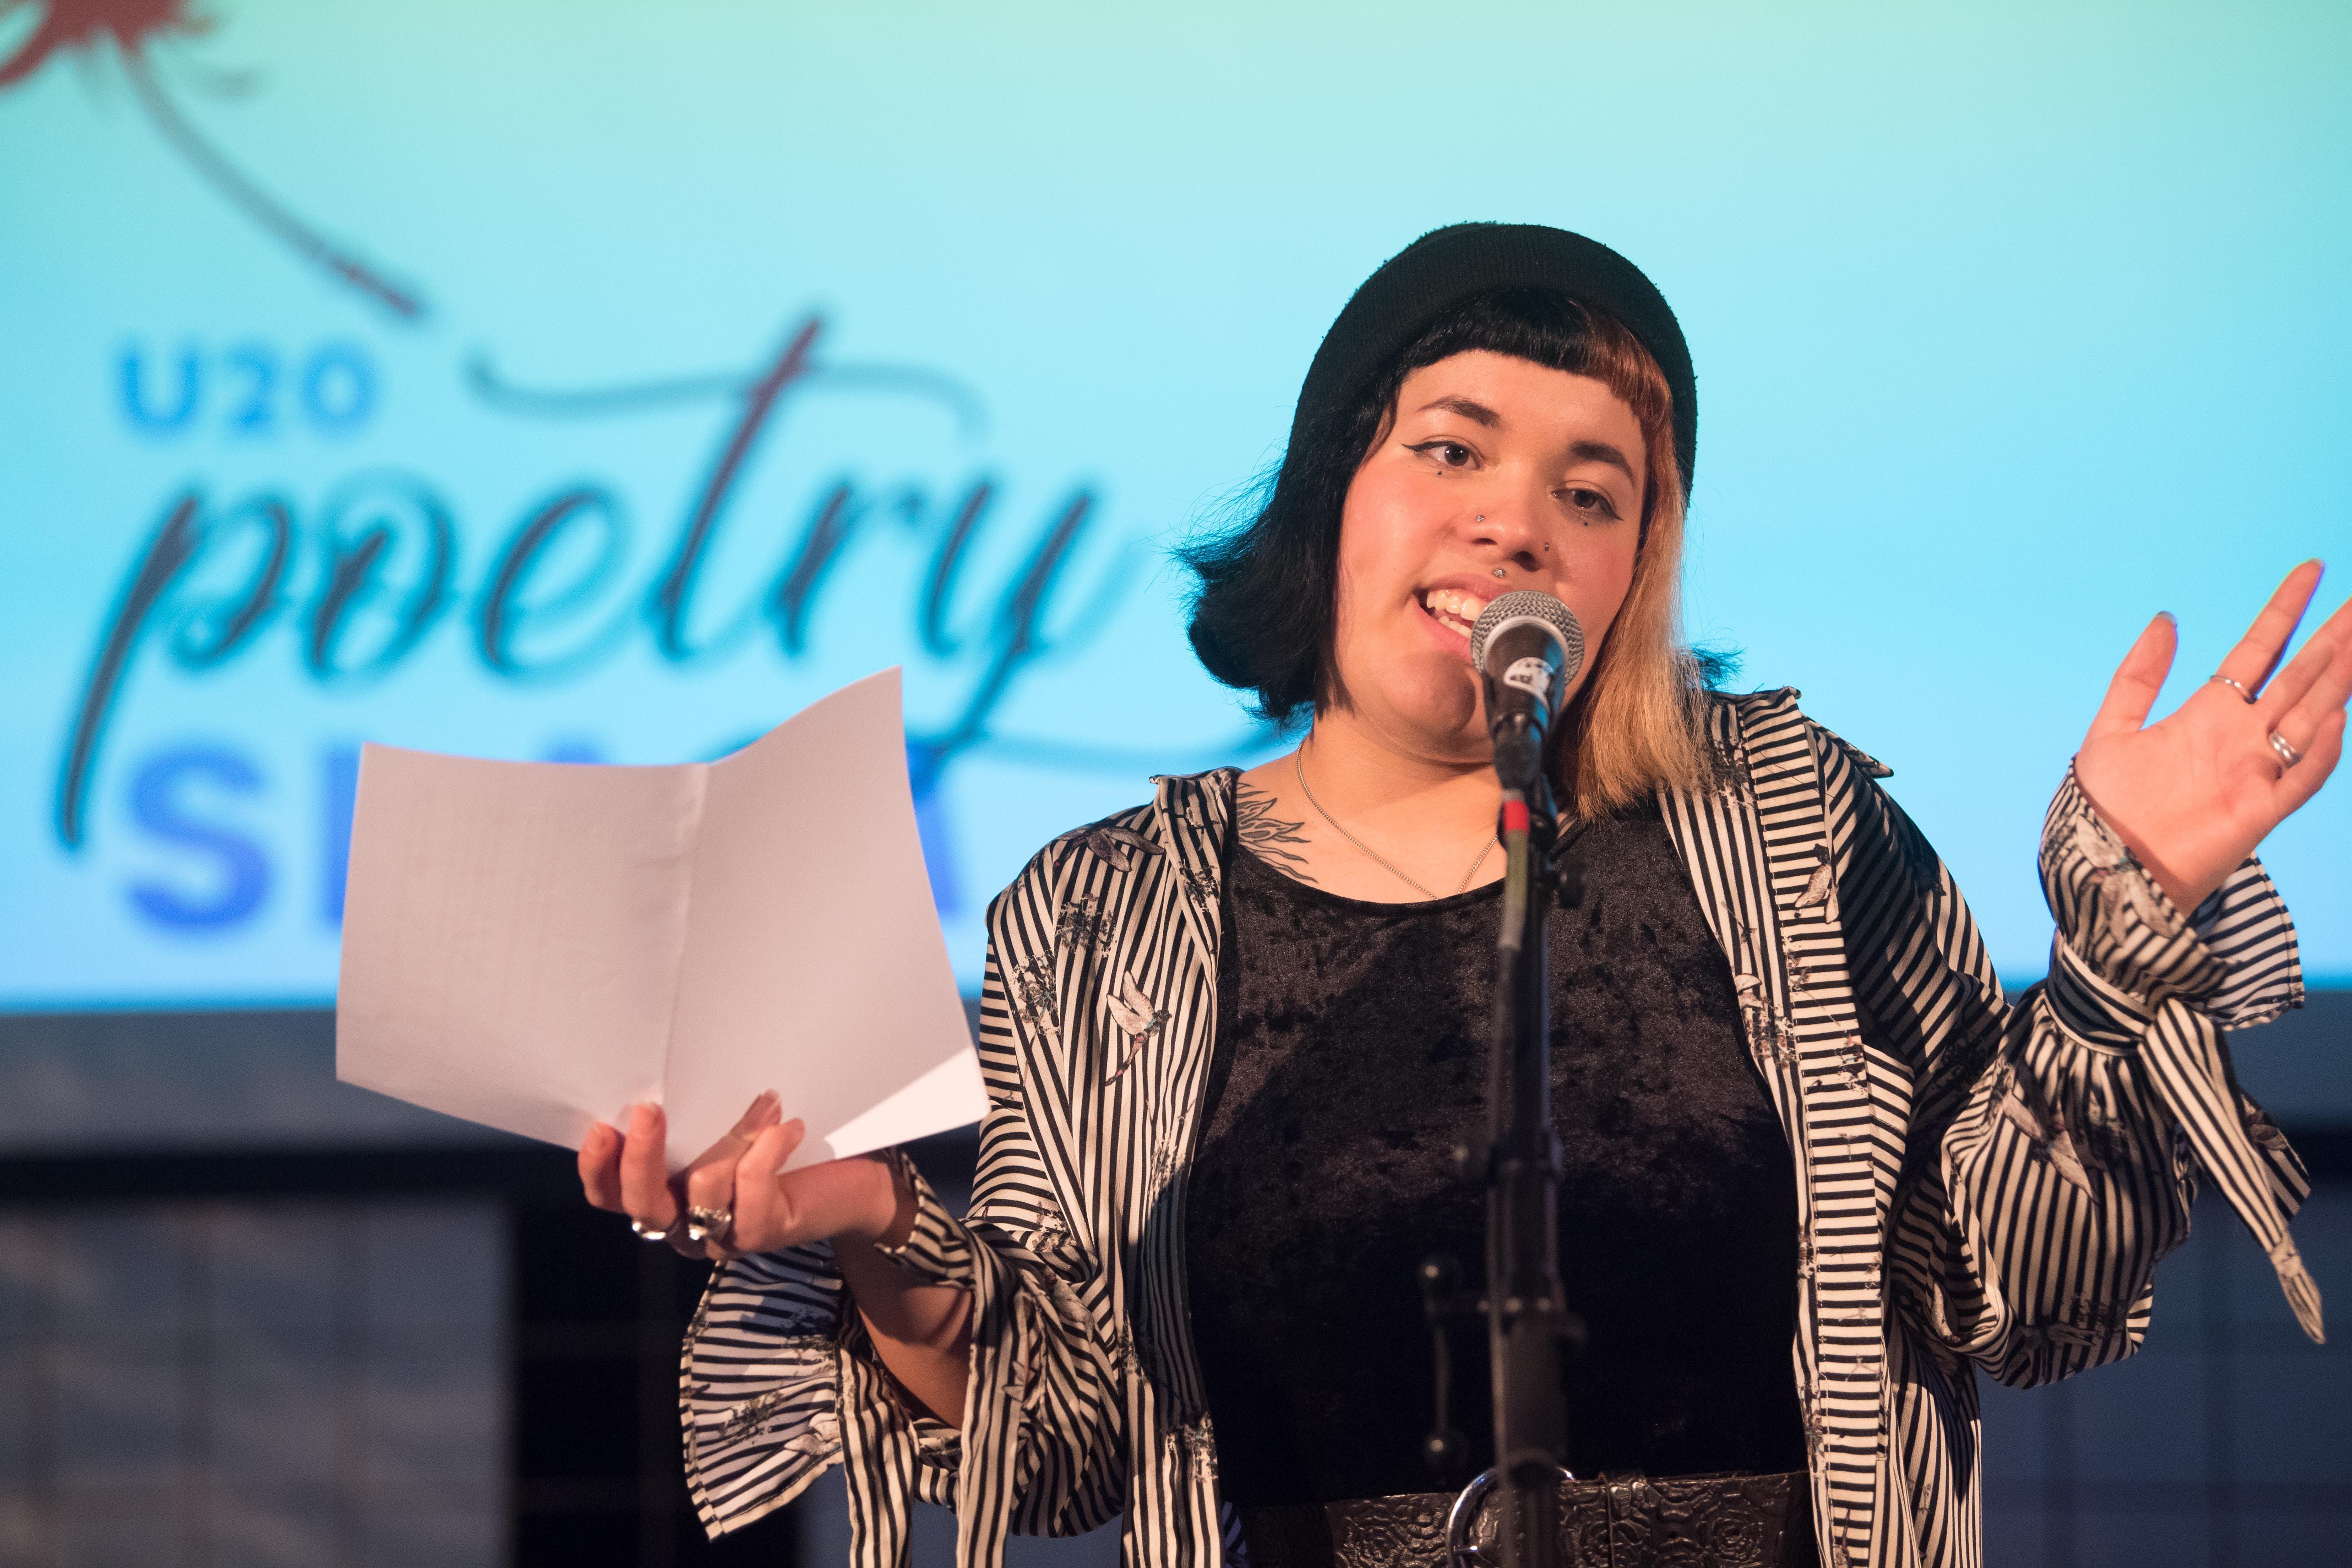 Die Altdorferin Stella Sackmann erzählt in ihrem Slam über Tinder und dass nicht jeder ein Aktivist sei, nur weil er Fleischesser «disse». In Hochdeutsch appelliert sie zu gegenwärtigen Problemen wie braunem Gedankengut und dankt all jenen, sie sich erheben.